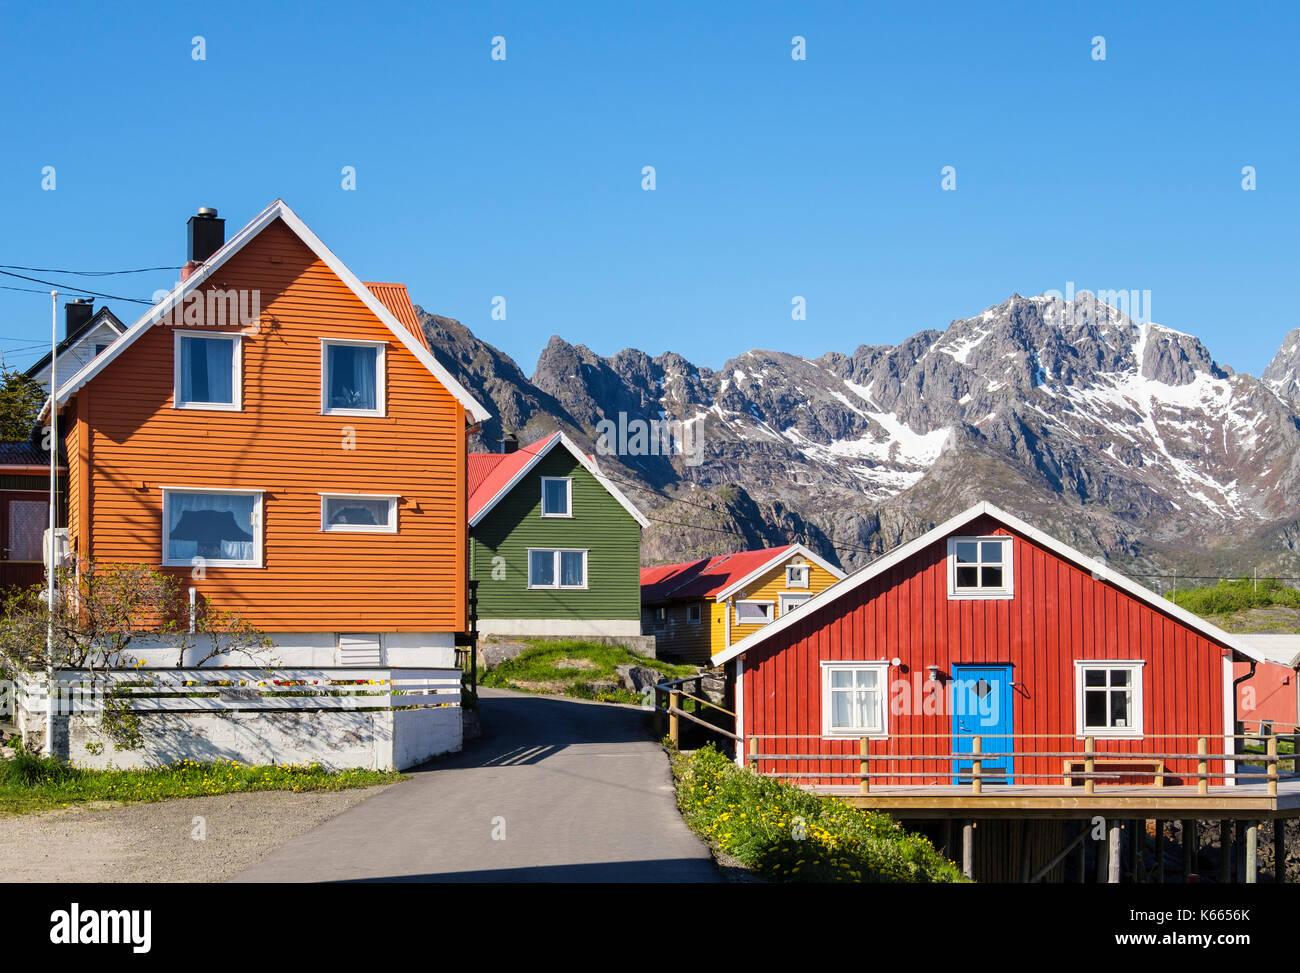 L'architecture norvégienne colorés typiques maisons en bois dans la région de Henningsvær, Austvågøya Island, îles Lofoten, Nordland, Norvège, Scandinavie Photo Stock